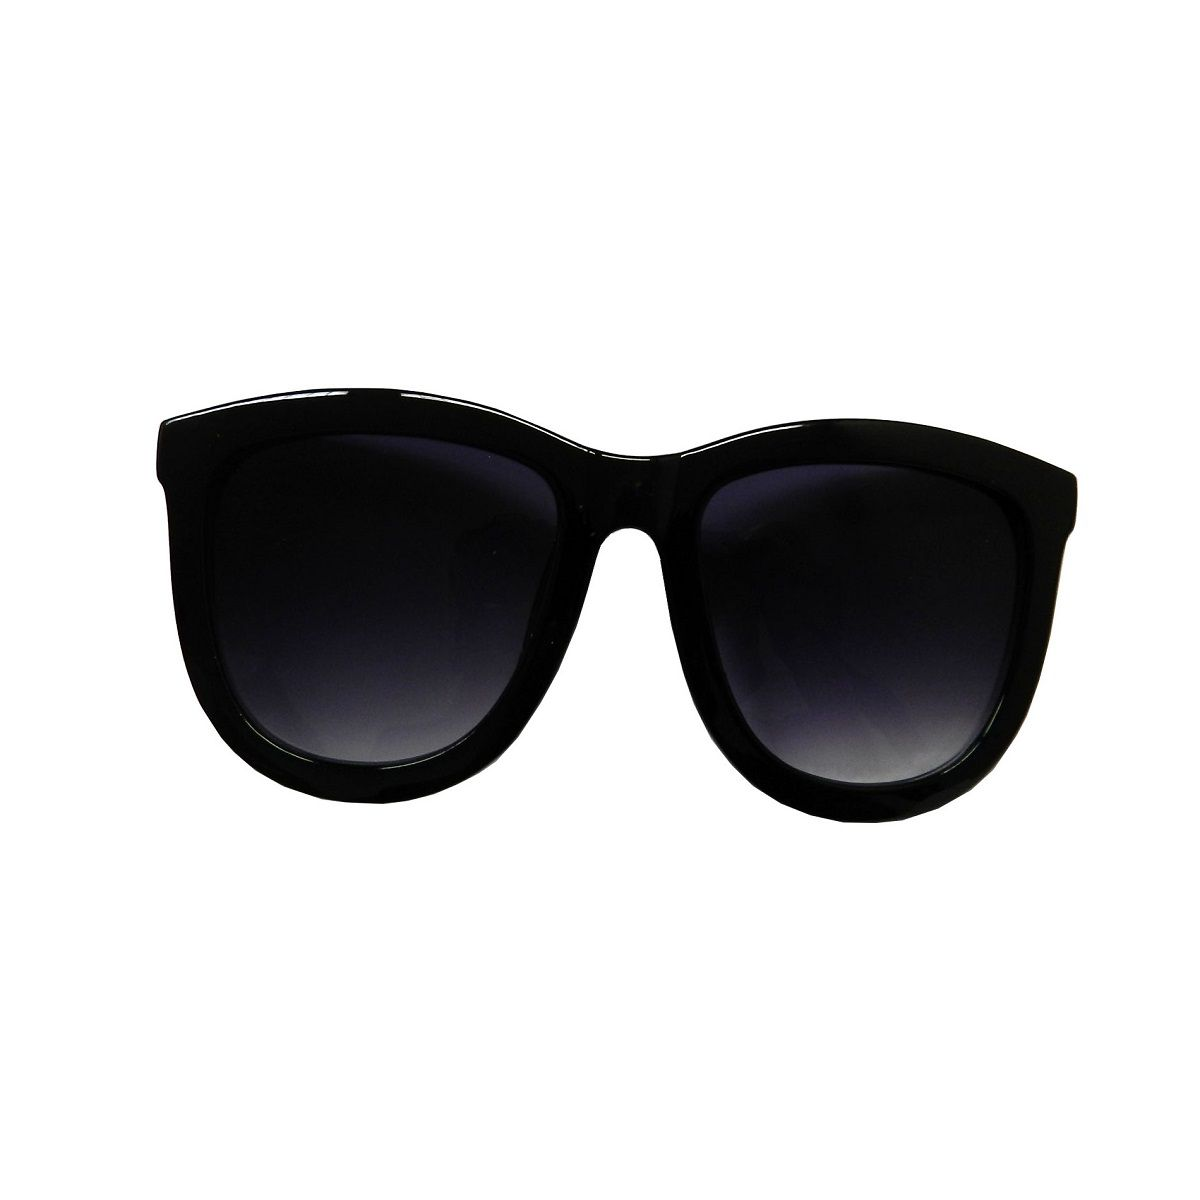 5900ee11307cb Óculos de sol com proteção UV D029 - Koffer